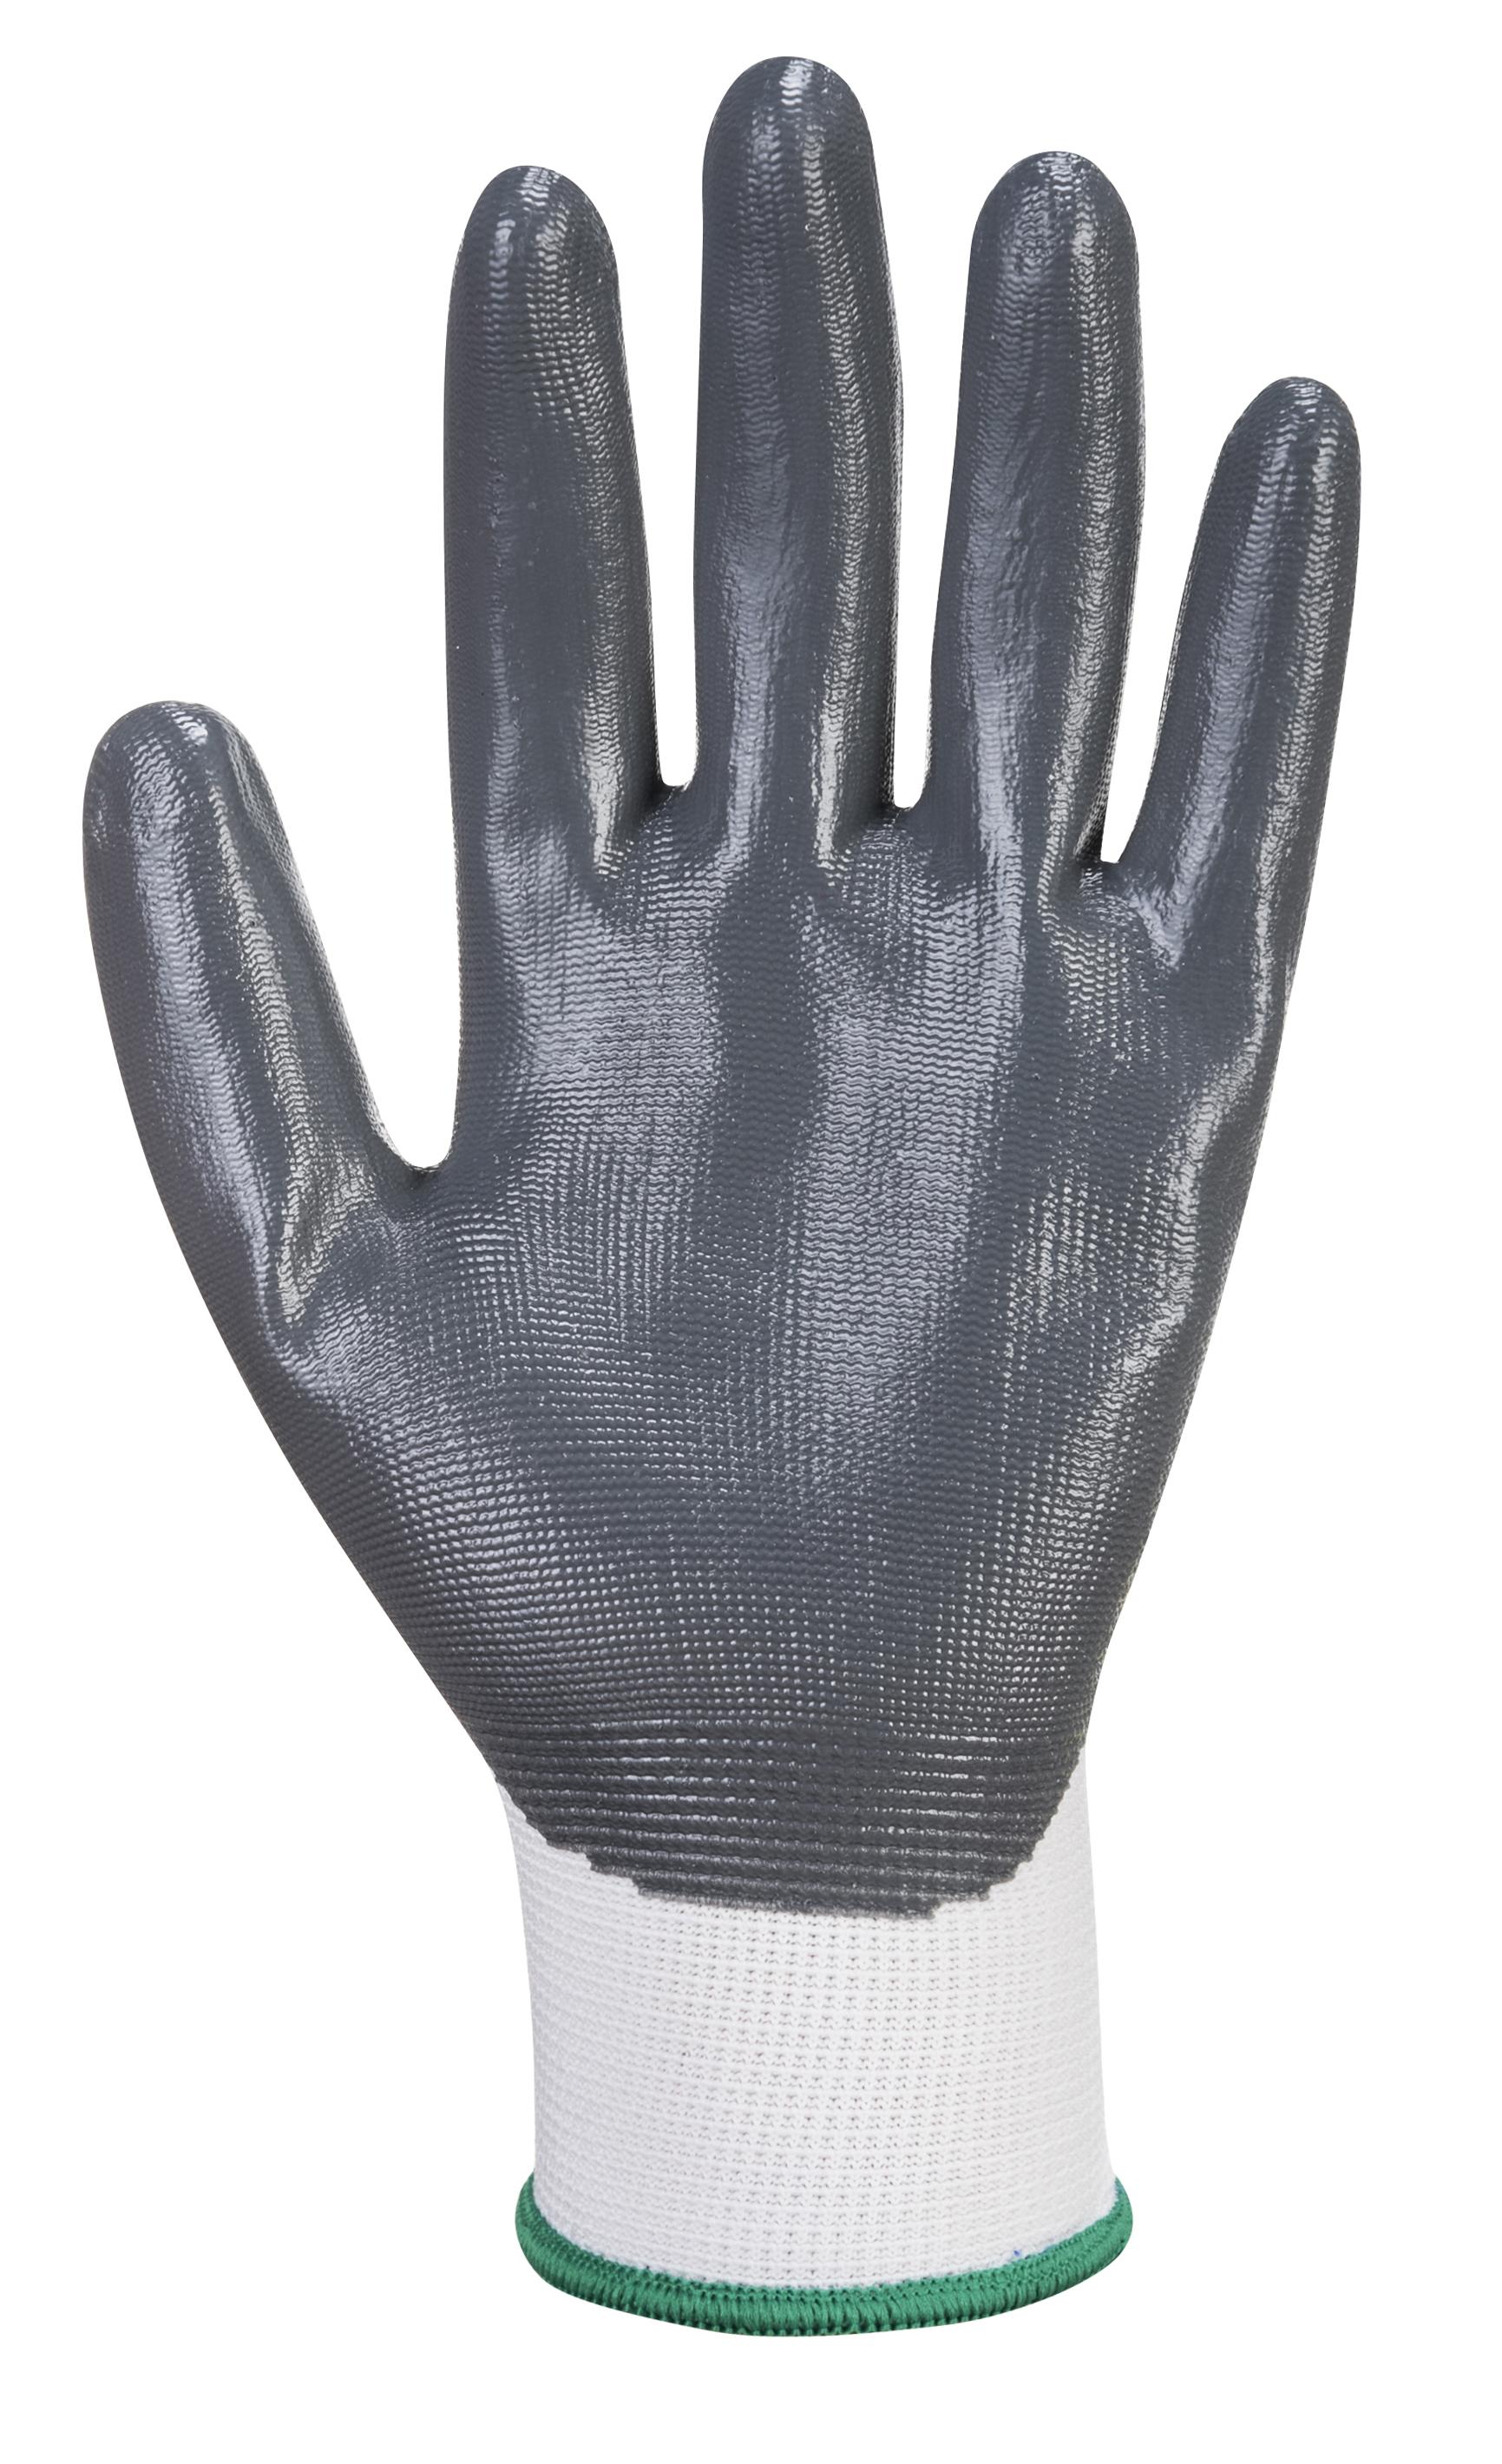 Flexo Grip Nitrile Safety Glove